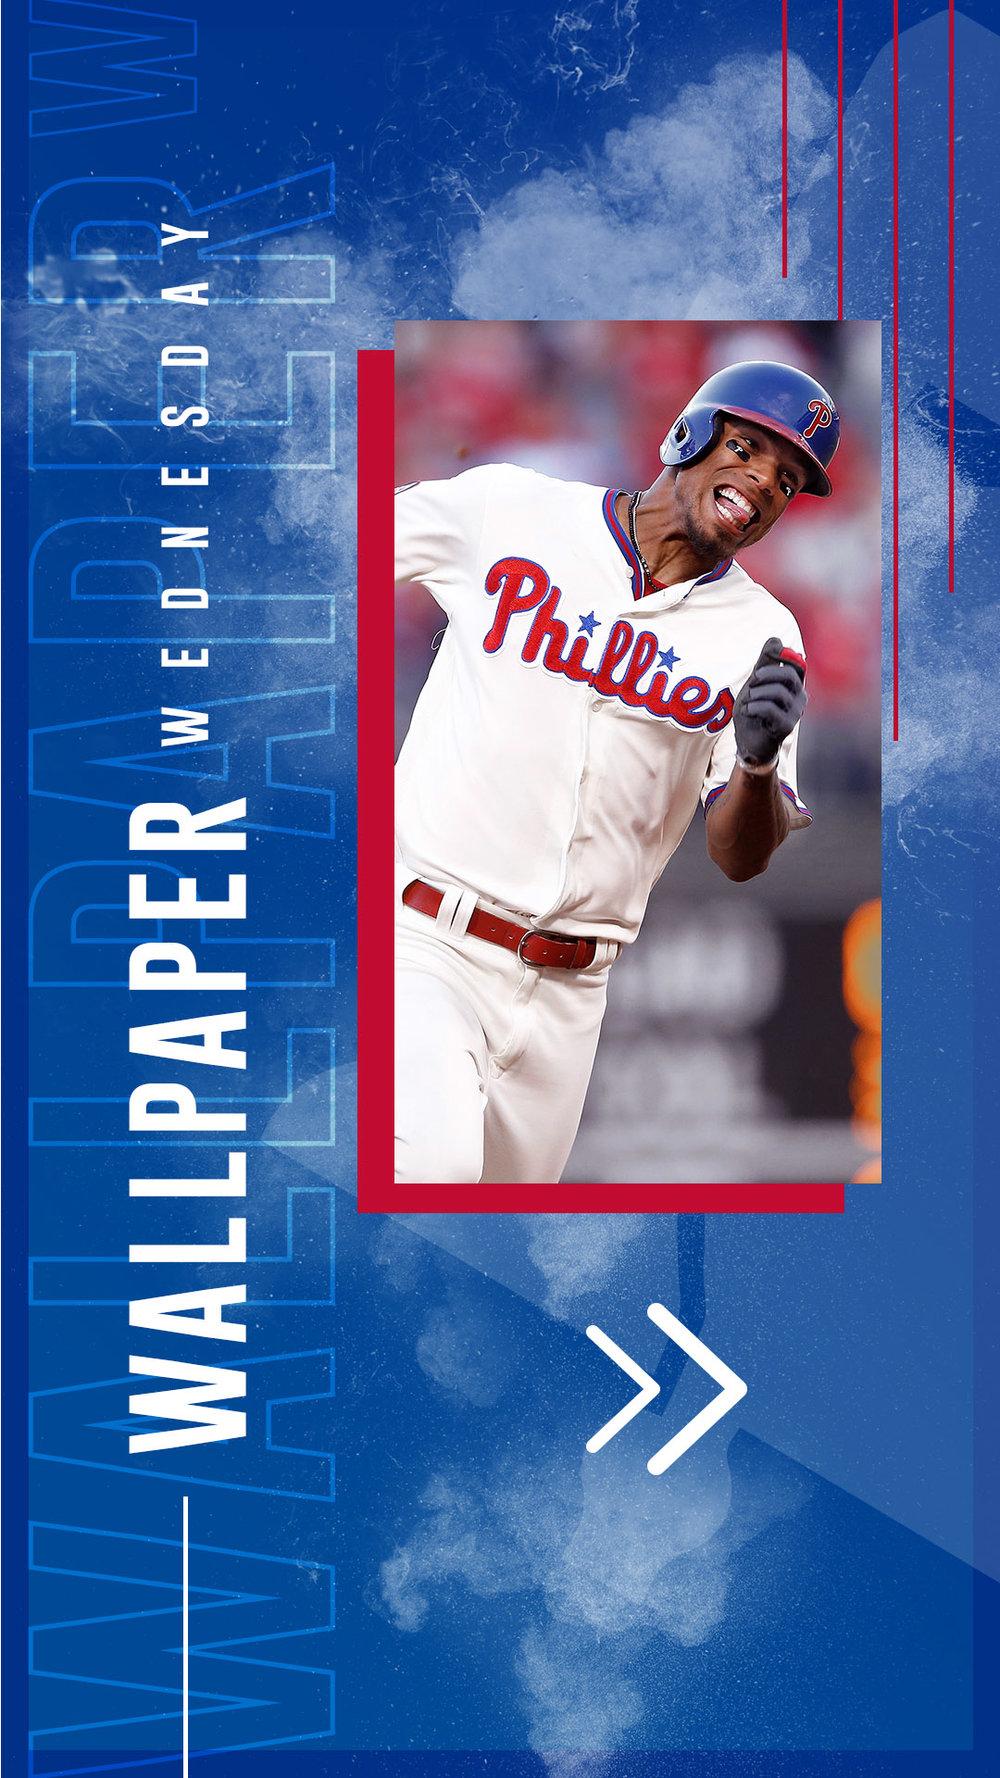 Philadelphia-Phillies_Instagram-Overlay_Wallpaper-Wednesday_1920x1080Philadelphia-Phillies_Instagram_Overlay_Wallpaper-W.jpg